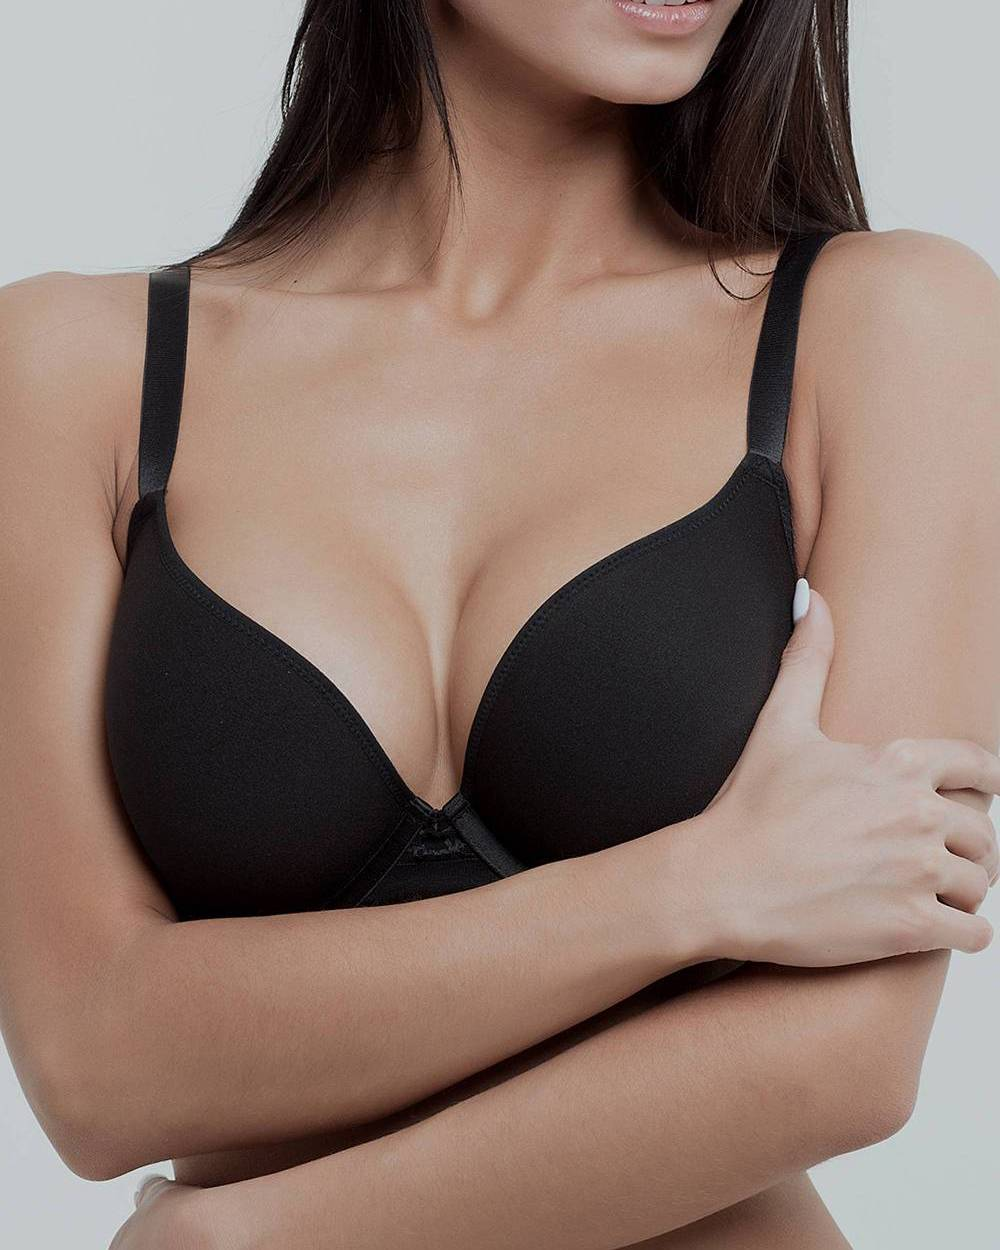 breast009